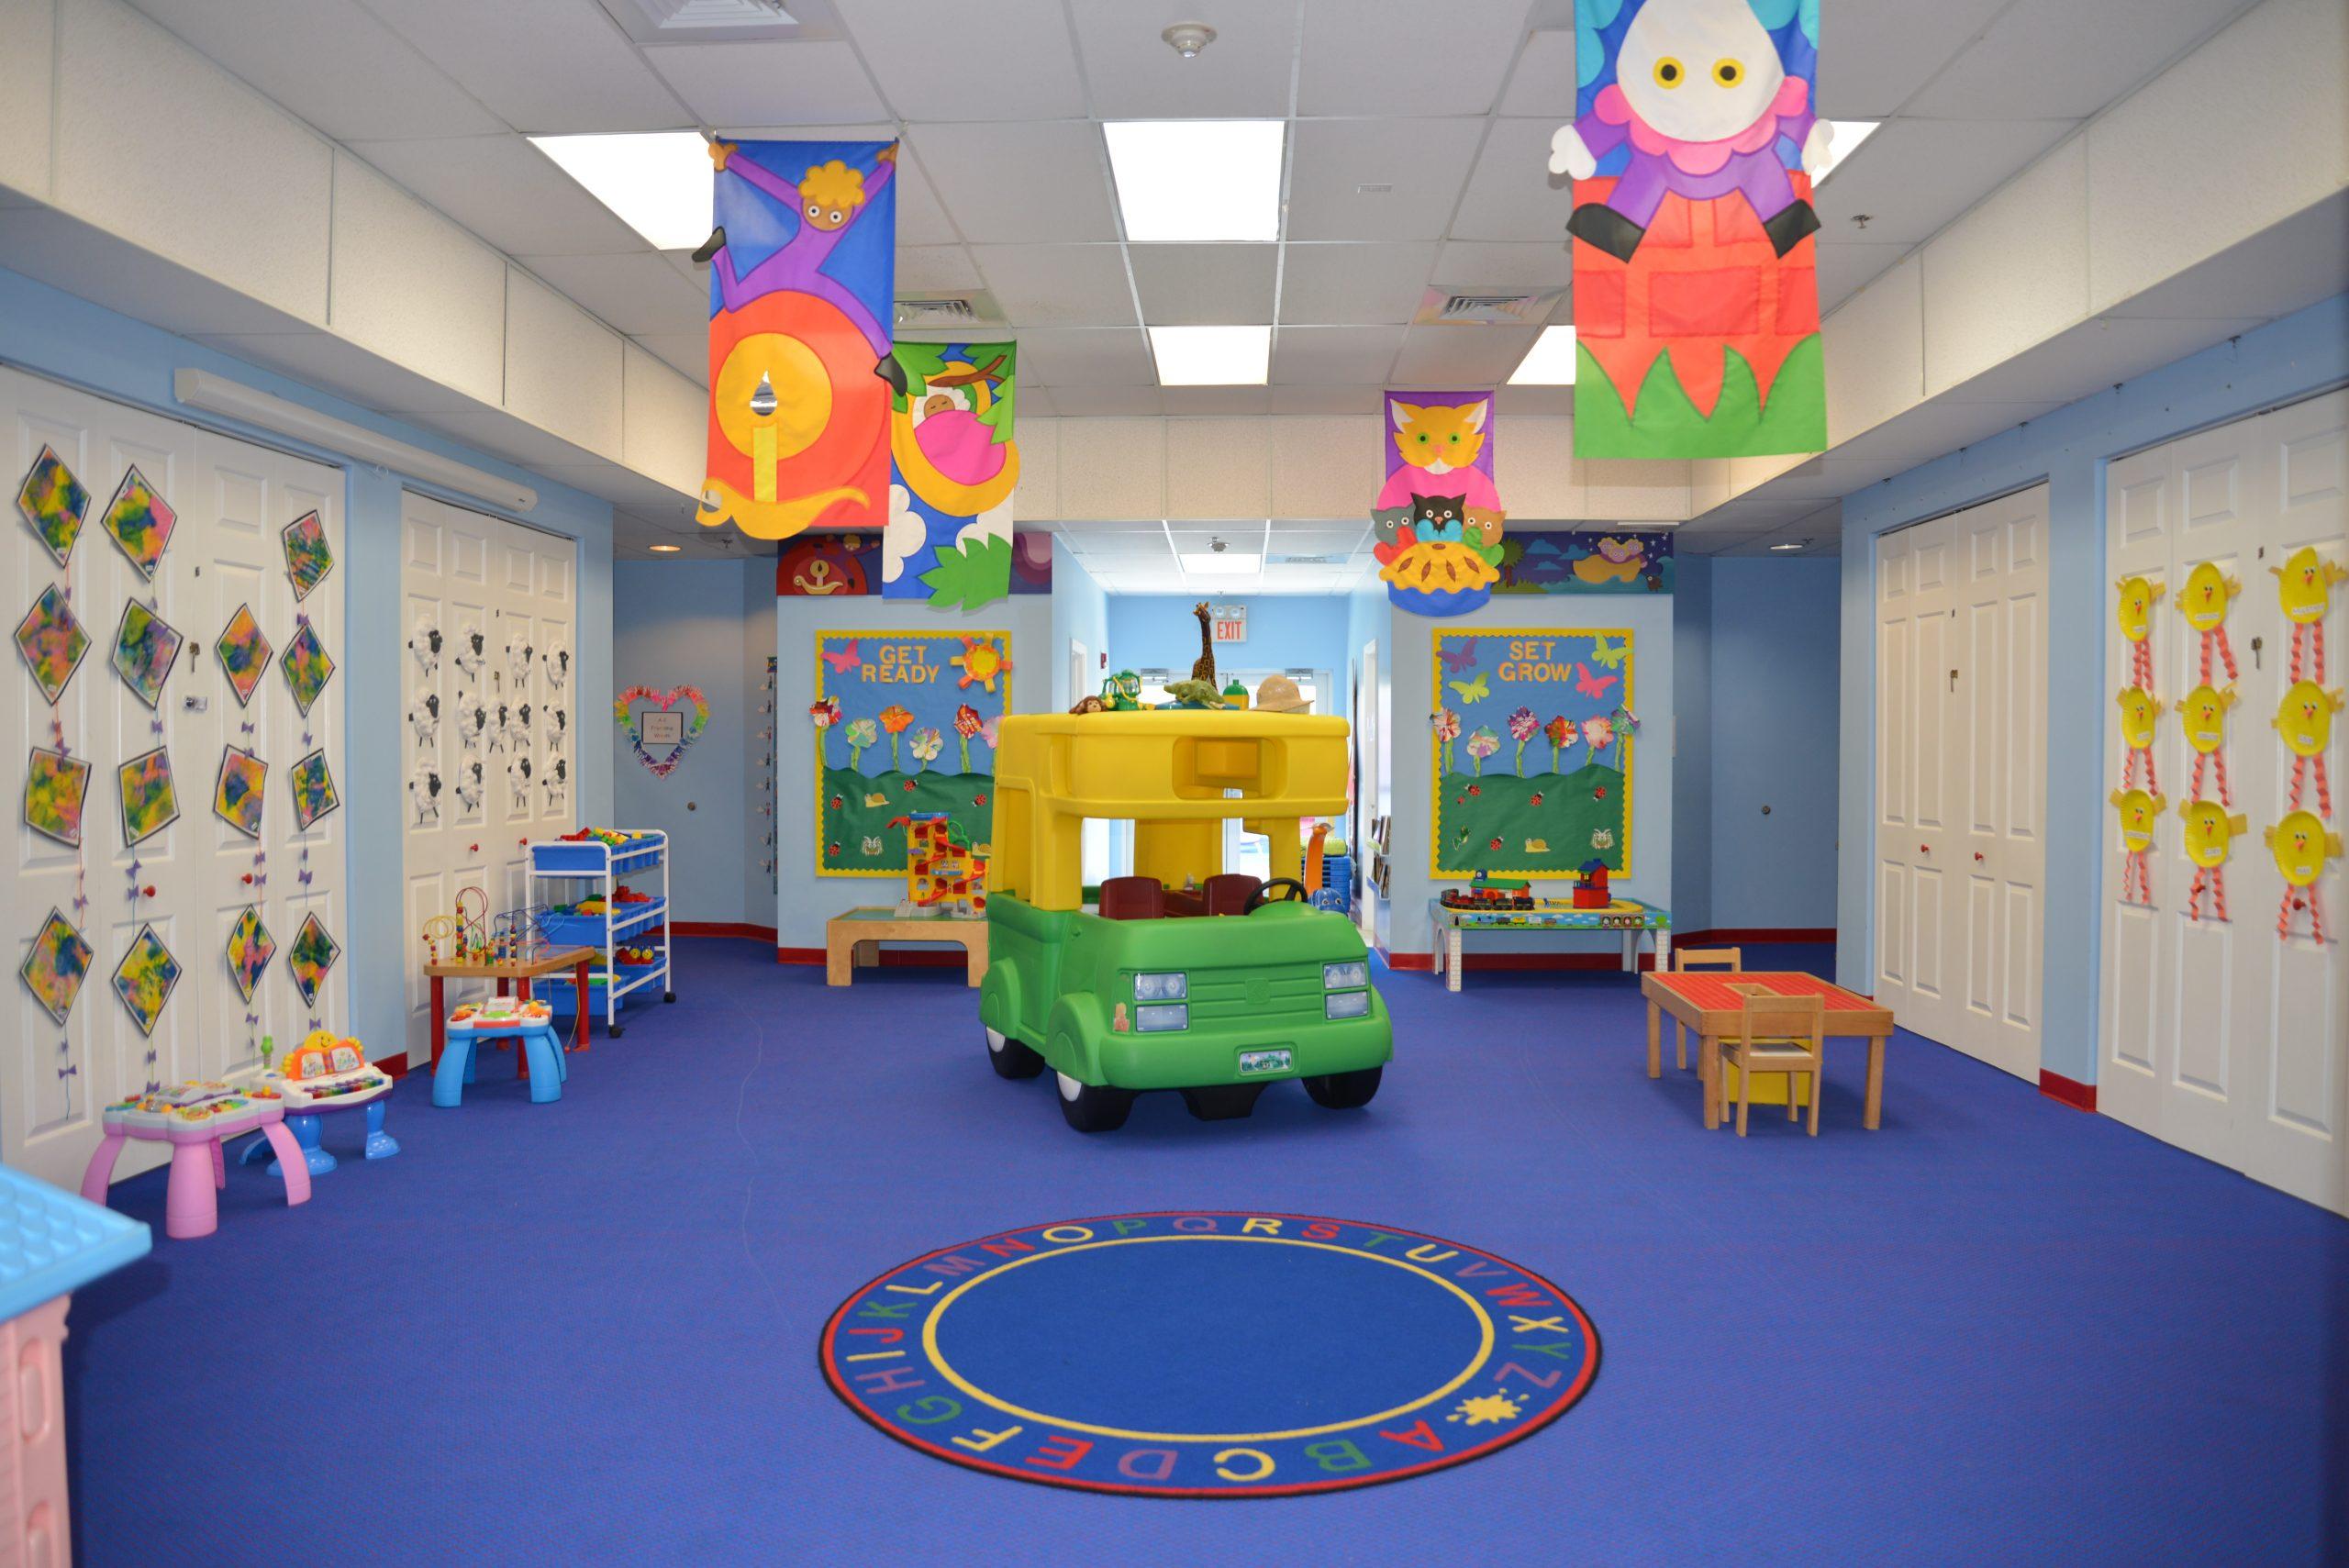 Preschool in Delray Beach Fl